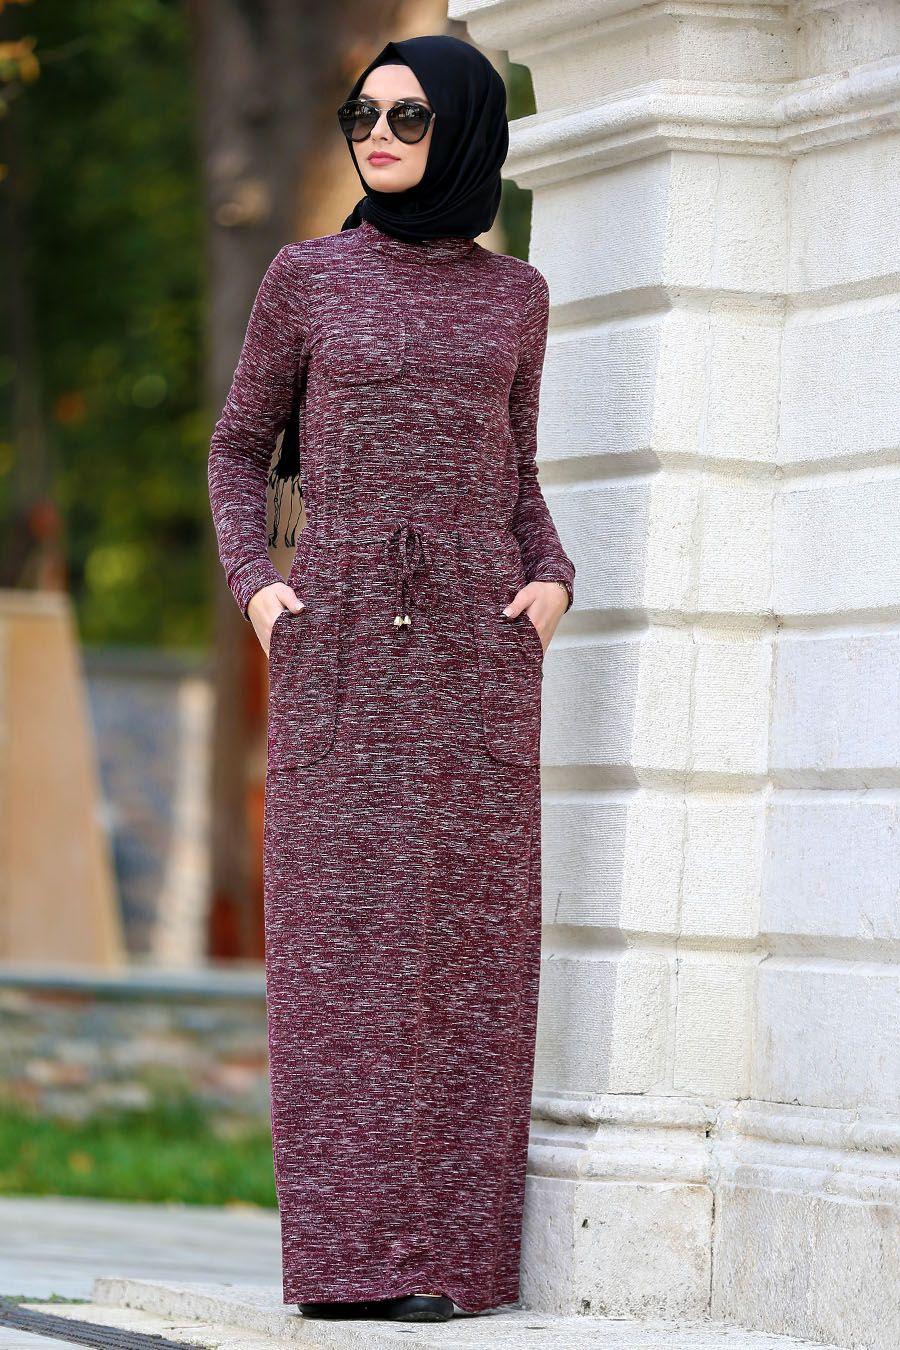 ad88d167c1c06 2018 Yeni Sezon Günlük Elbiseler - Neva Style - Belden Büzgülü Bordo Tesettür  Elbise 22091BR